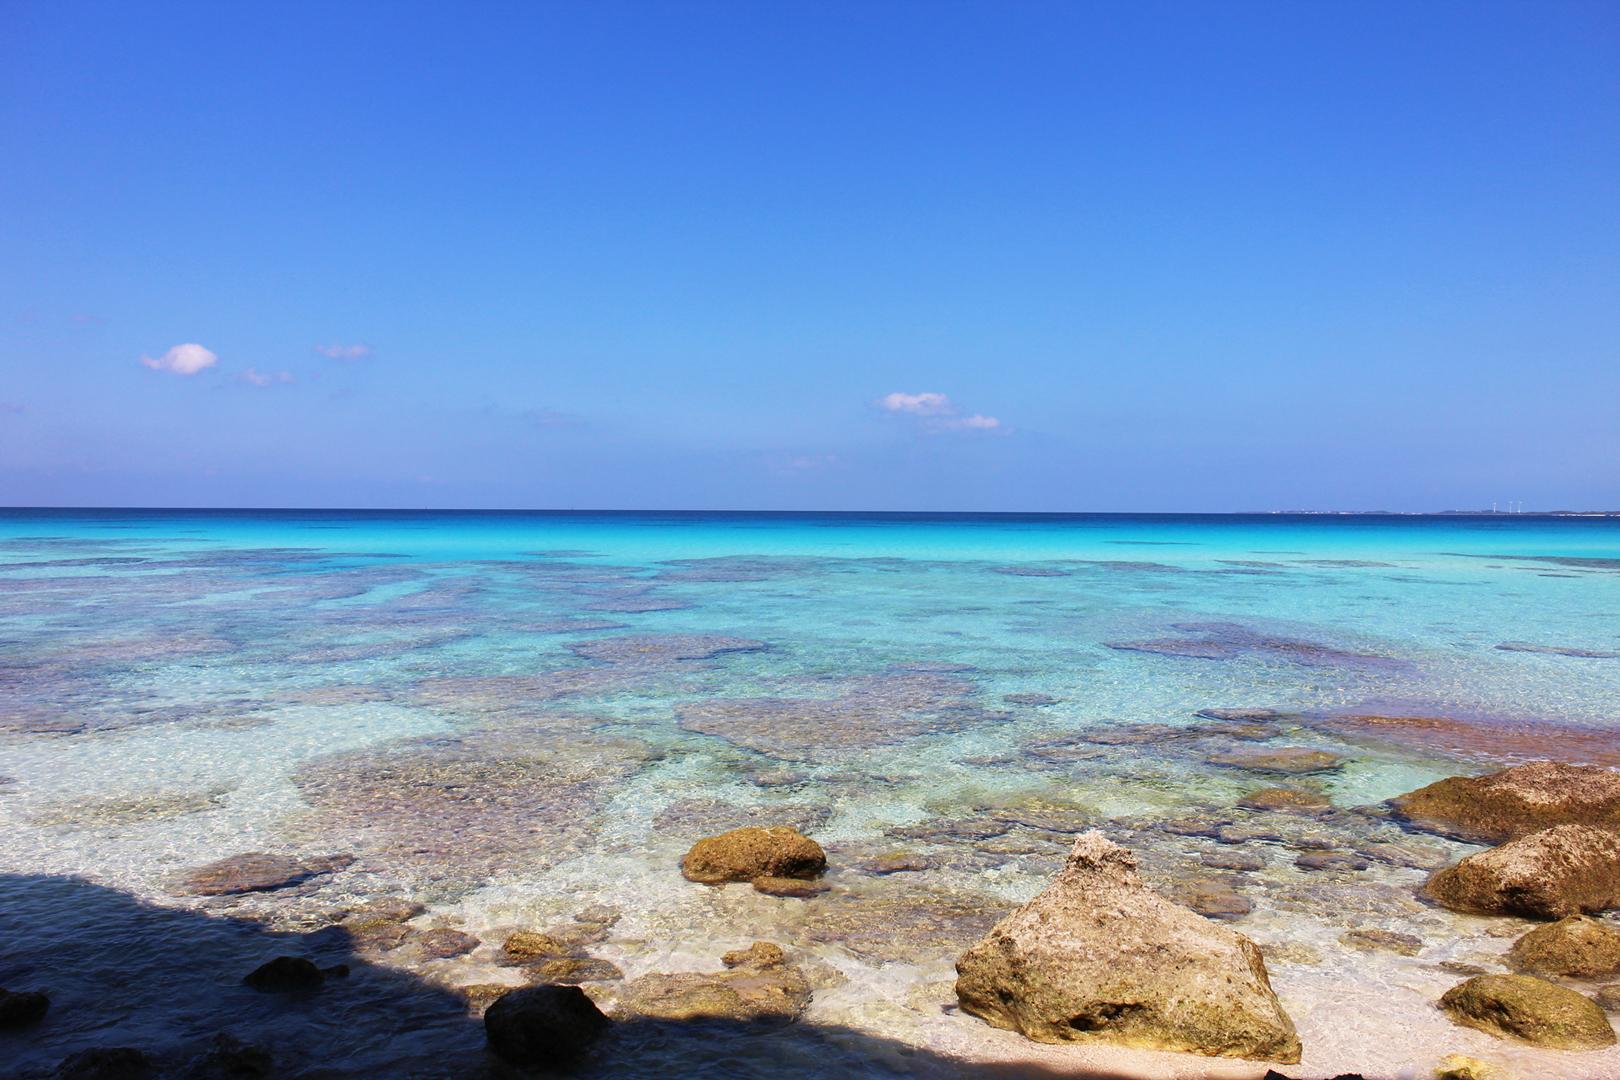 miyako_sunayama_beach_s